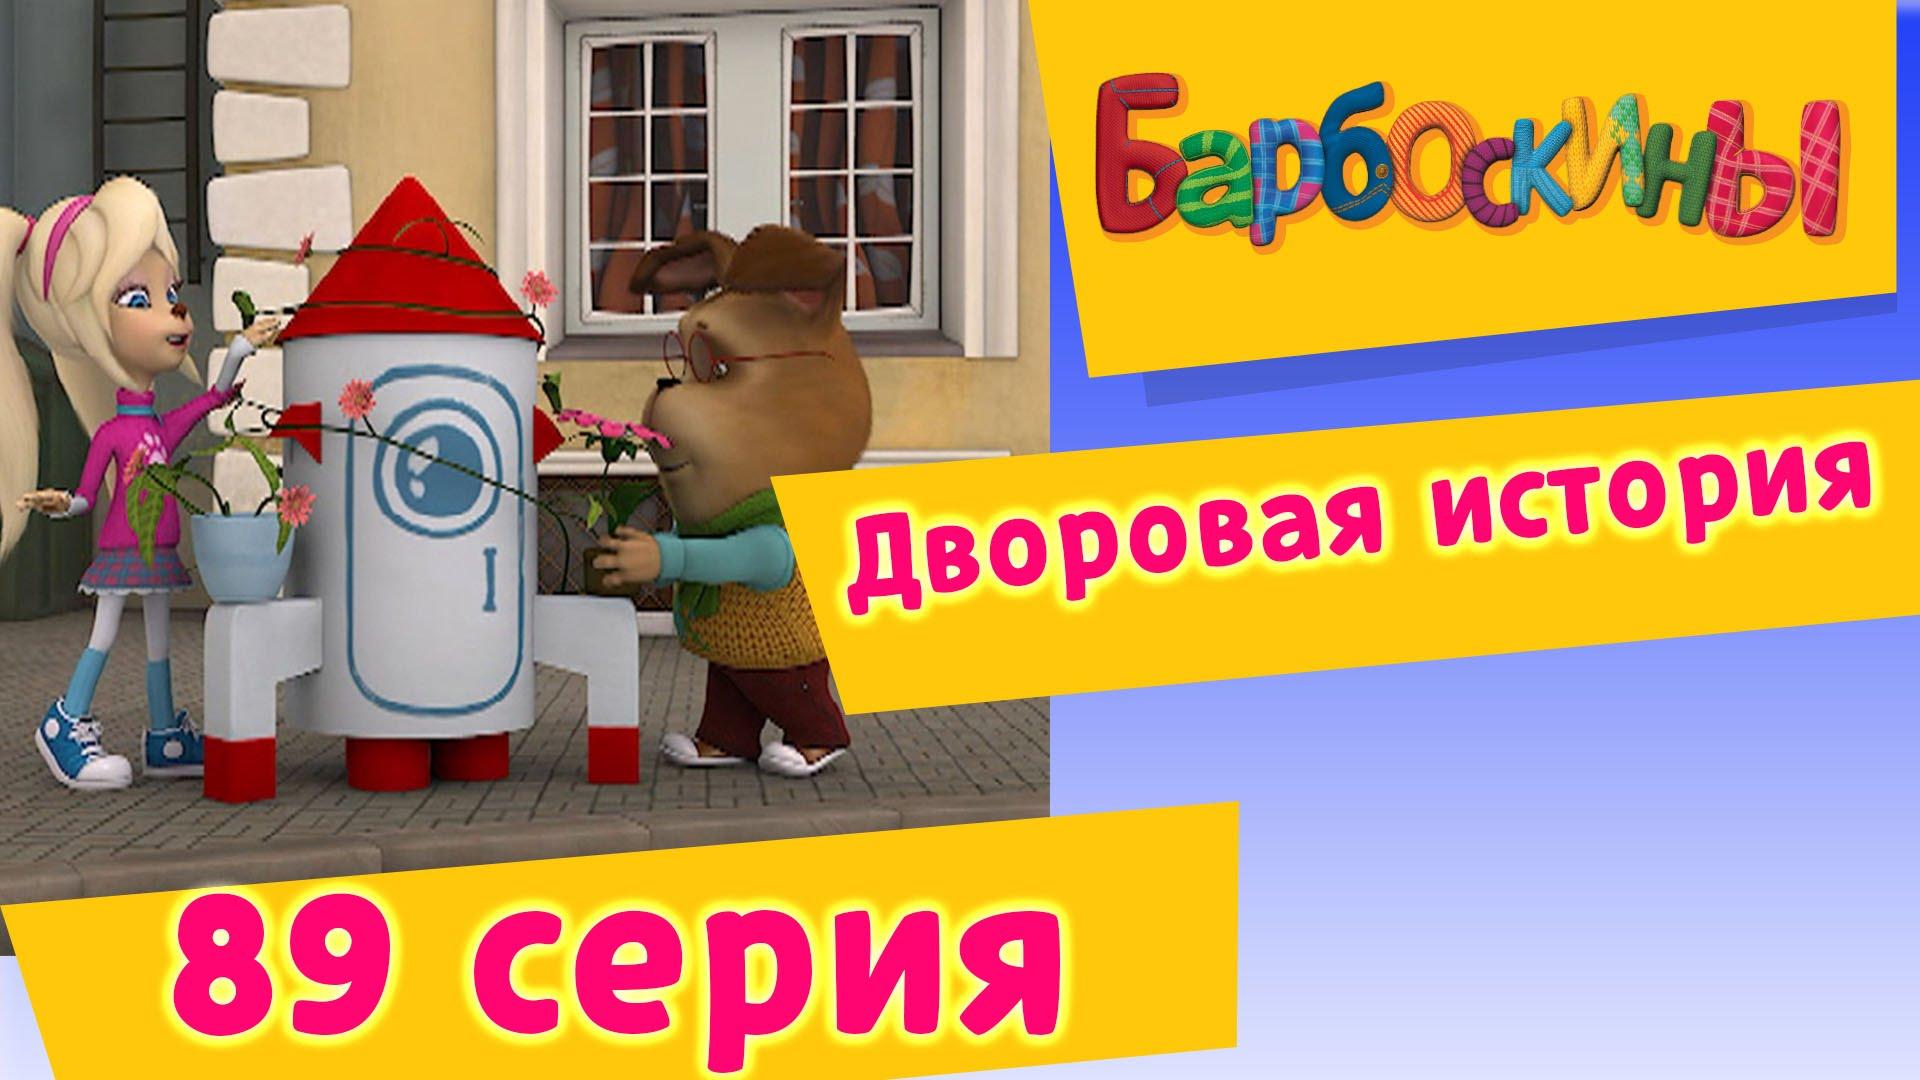 Барбоскины — 89 Серия. Дворовая история